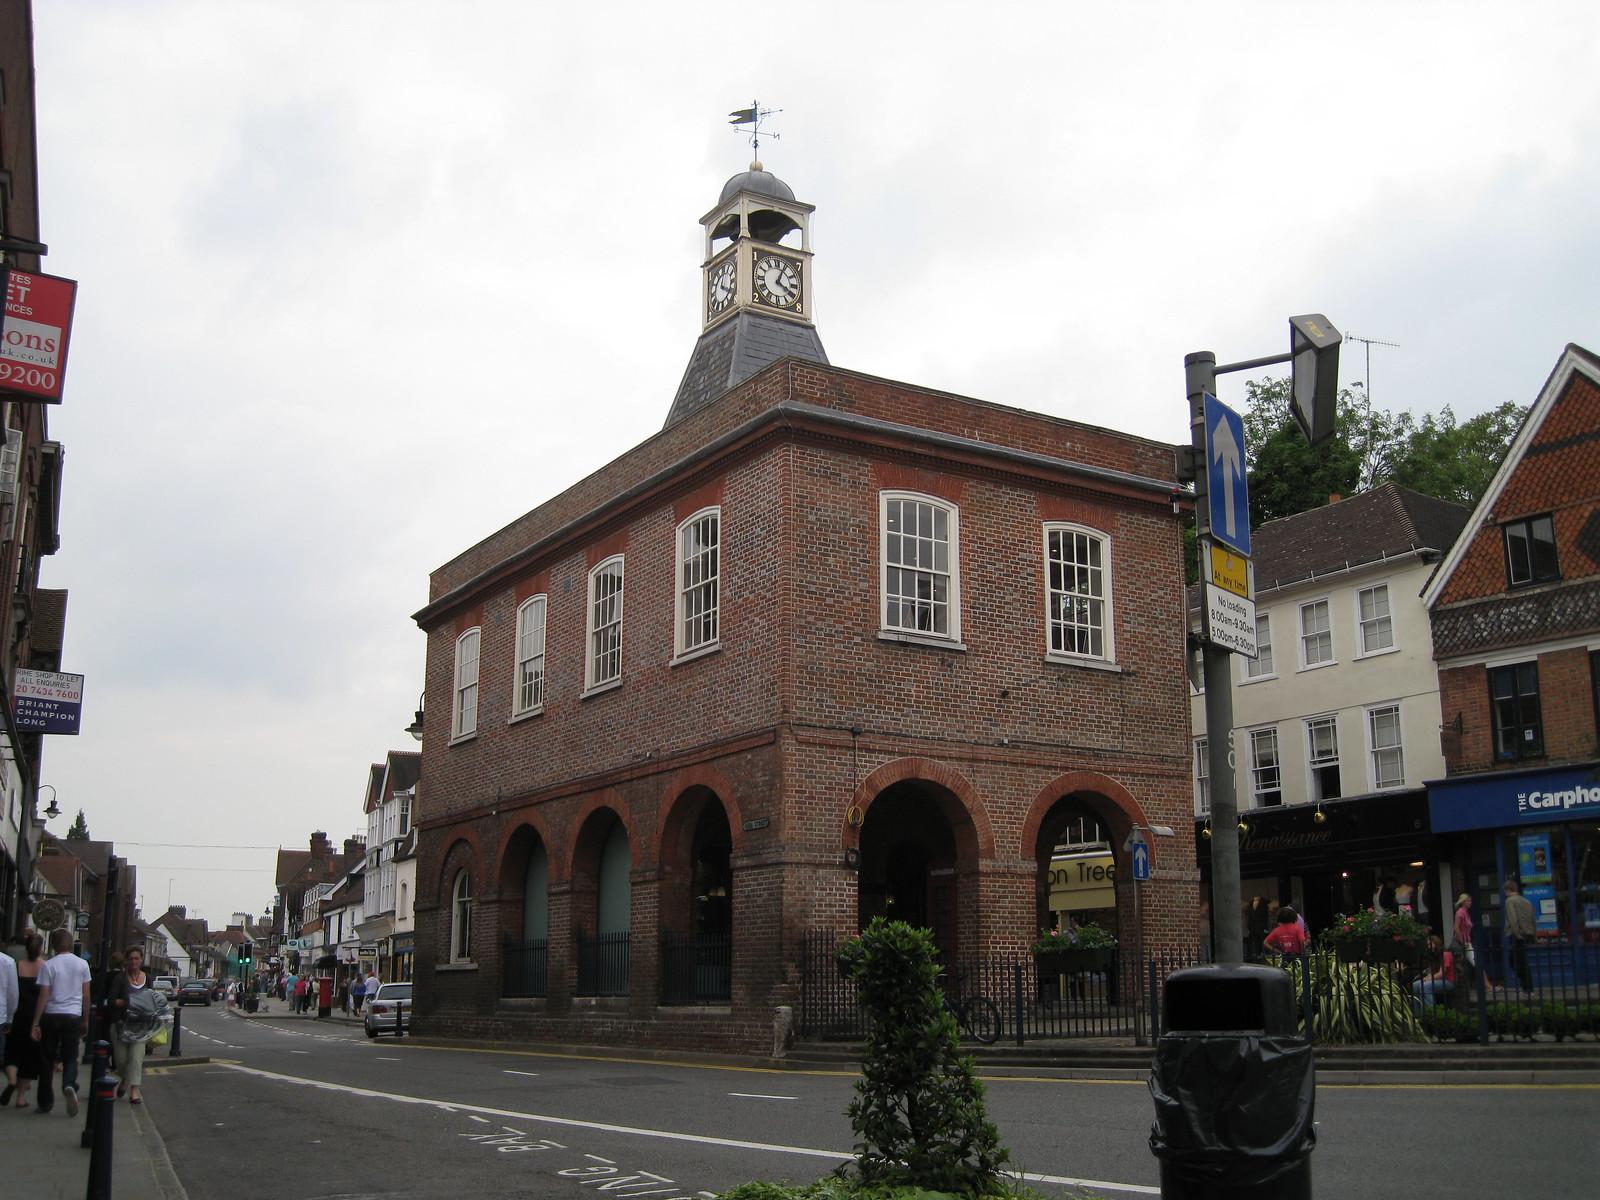 Reigate High Street, Town Centre